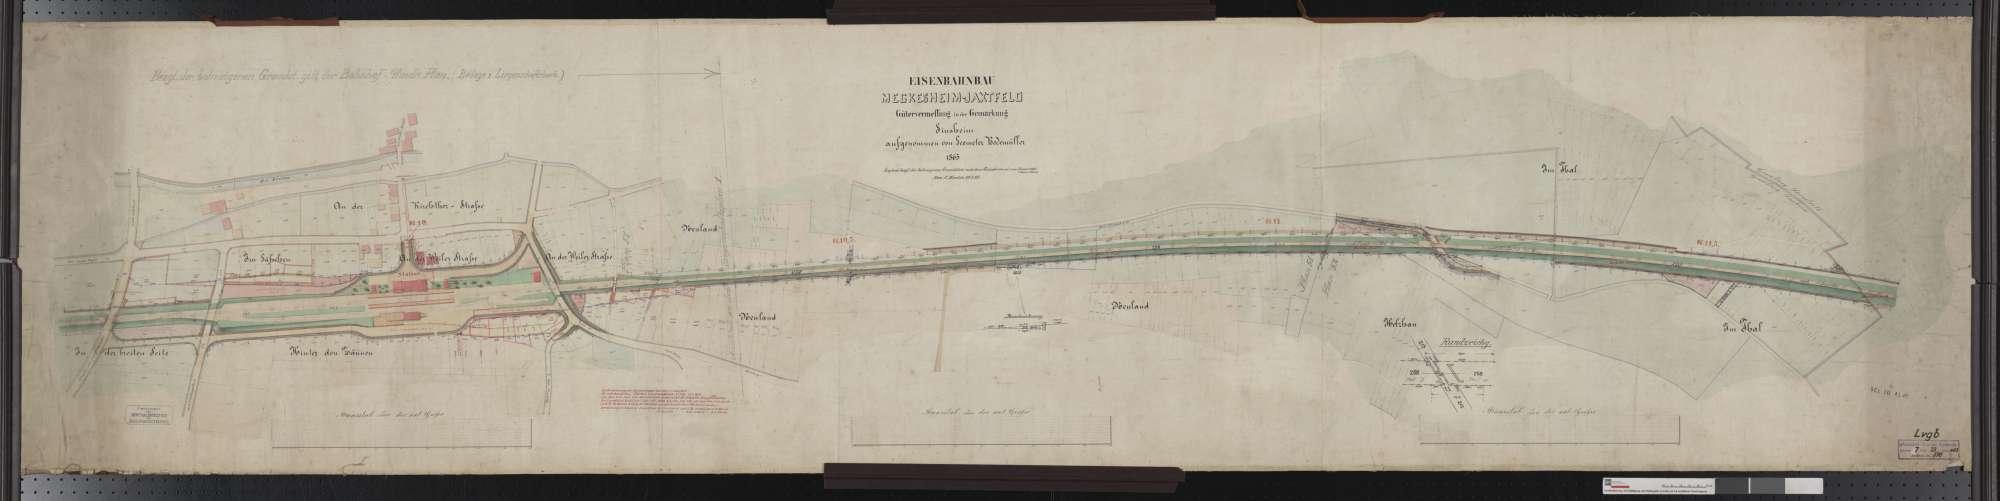 Gütervermessung der Bahn von Meckesheim bis Jagstfeld: Gemarkung Sinsheim Streckenausschnitt: 9,6 bis 11,7 km, Bild 1